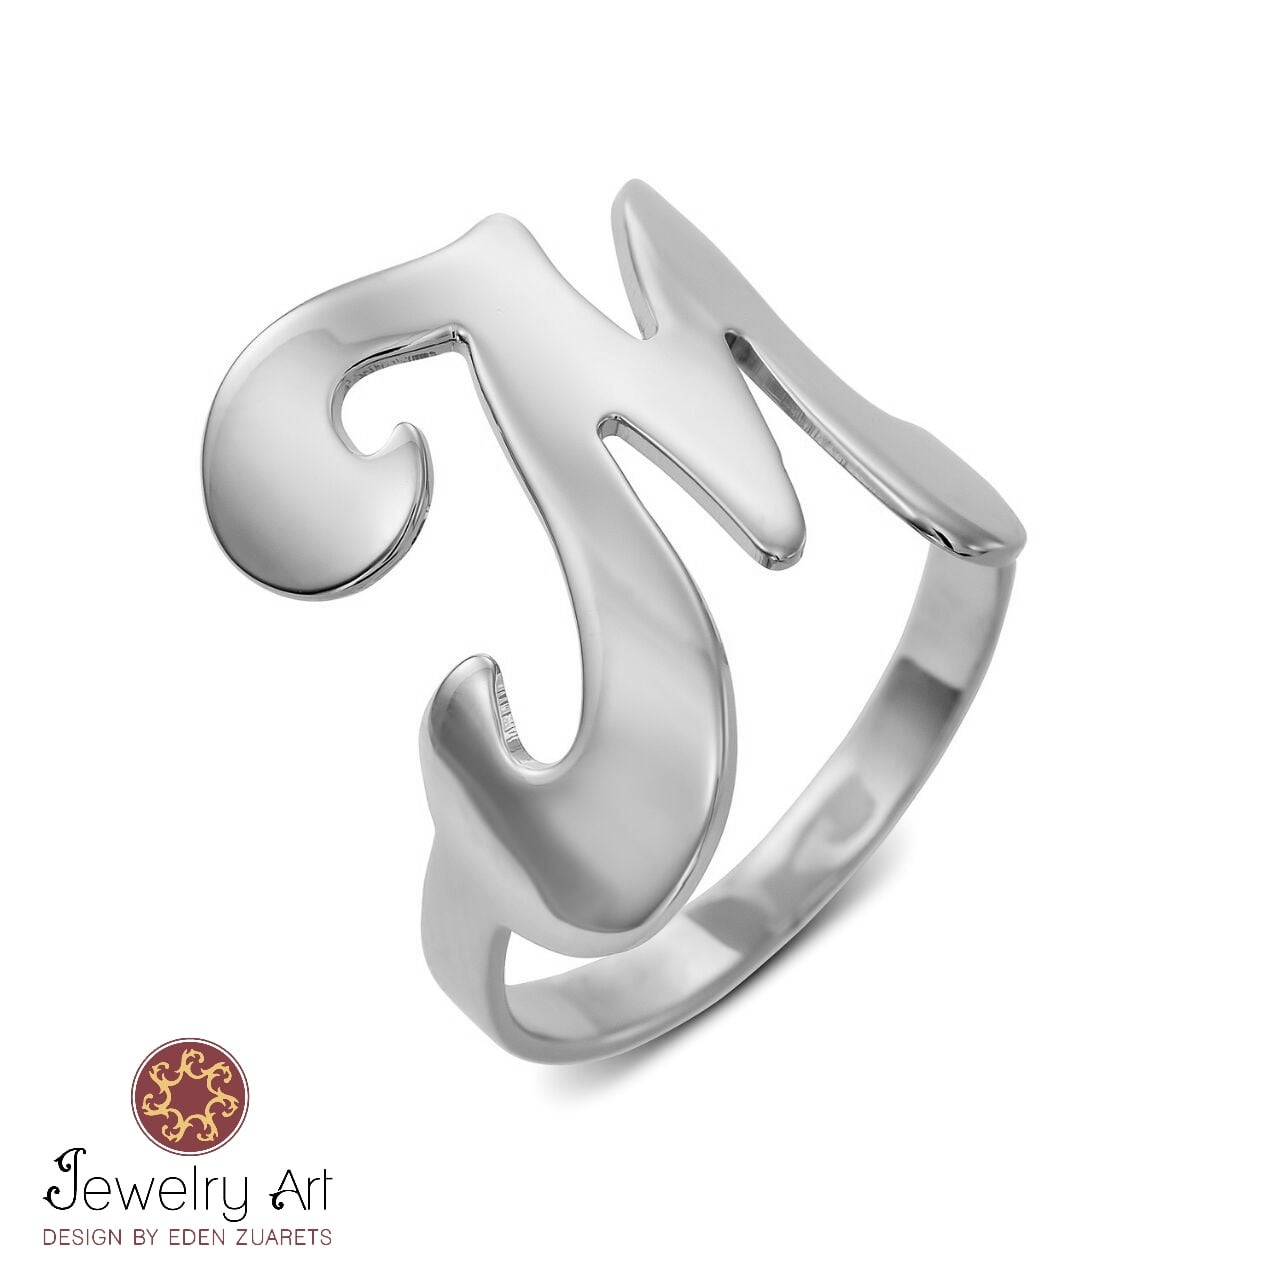 טבעת האות שלי